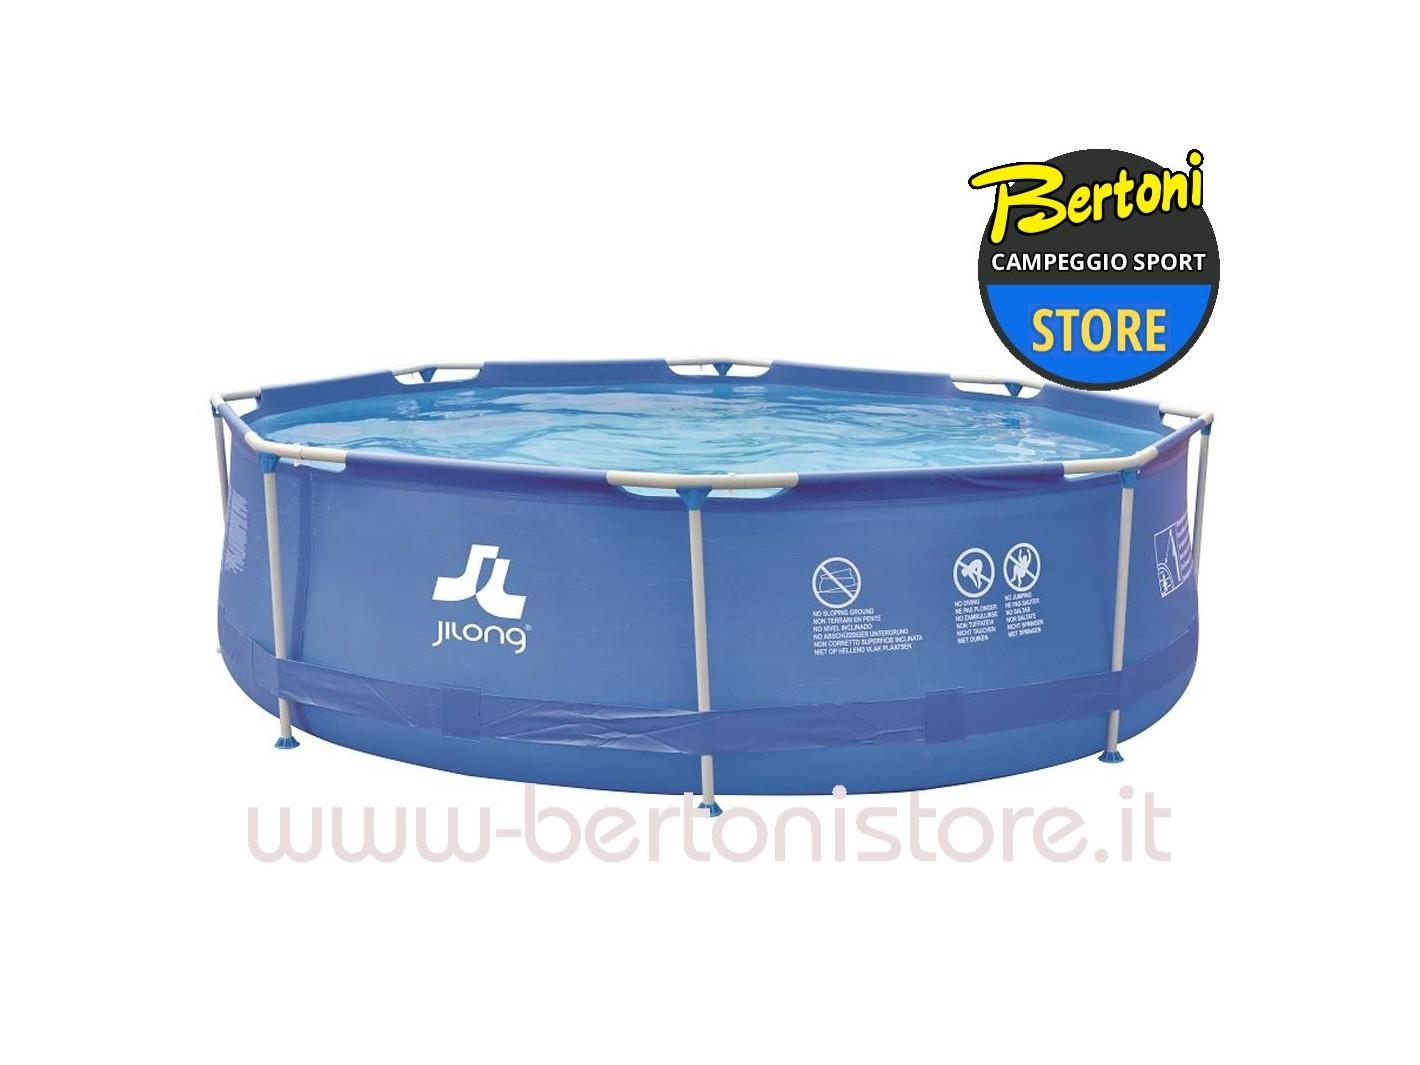 Piscina fuori terra rotonda con struttura sirocco blue set for Piscine fuori terra rotonde